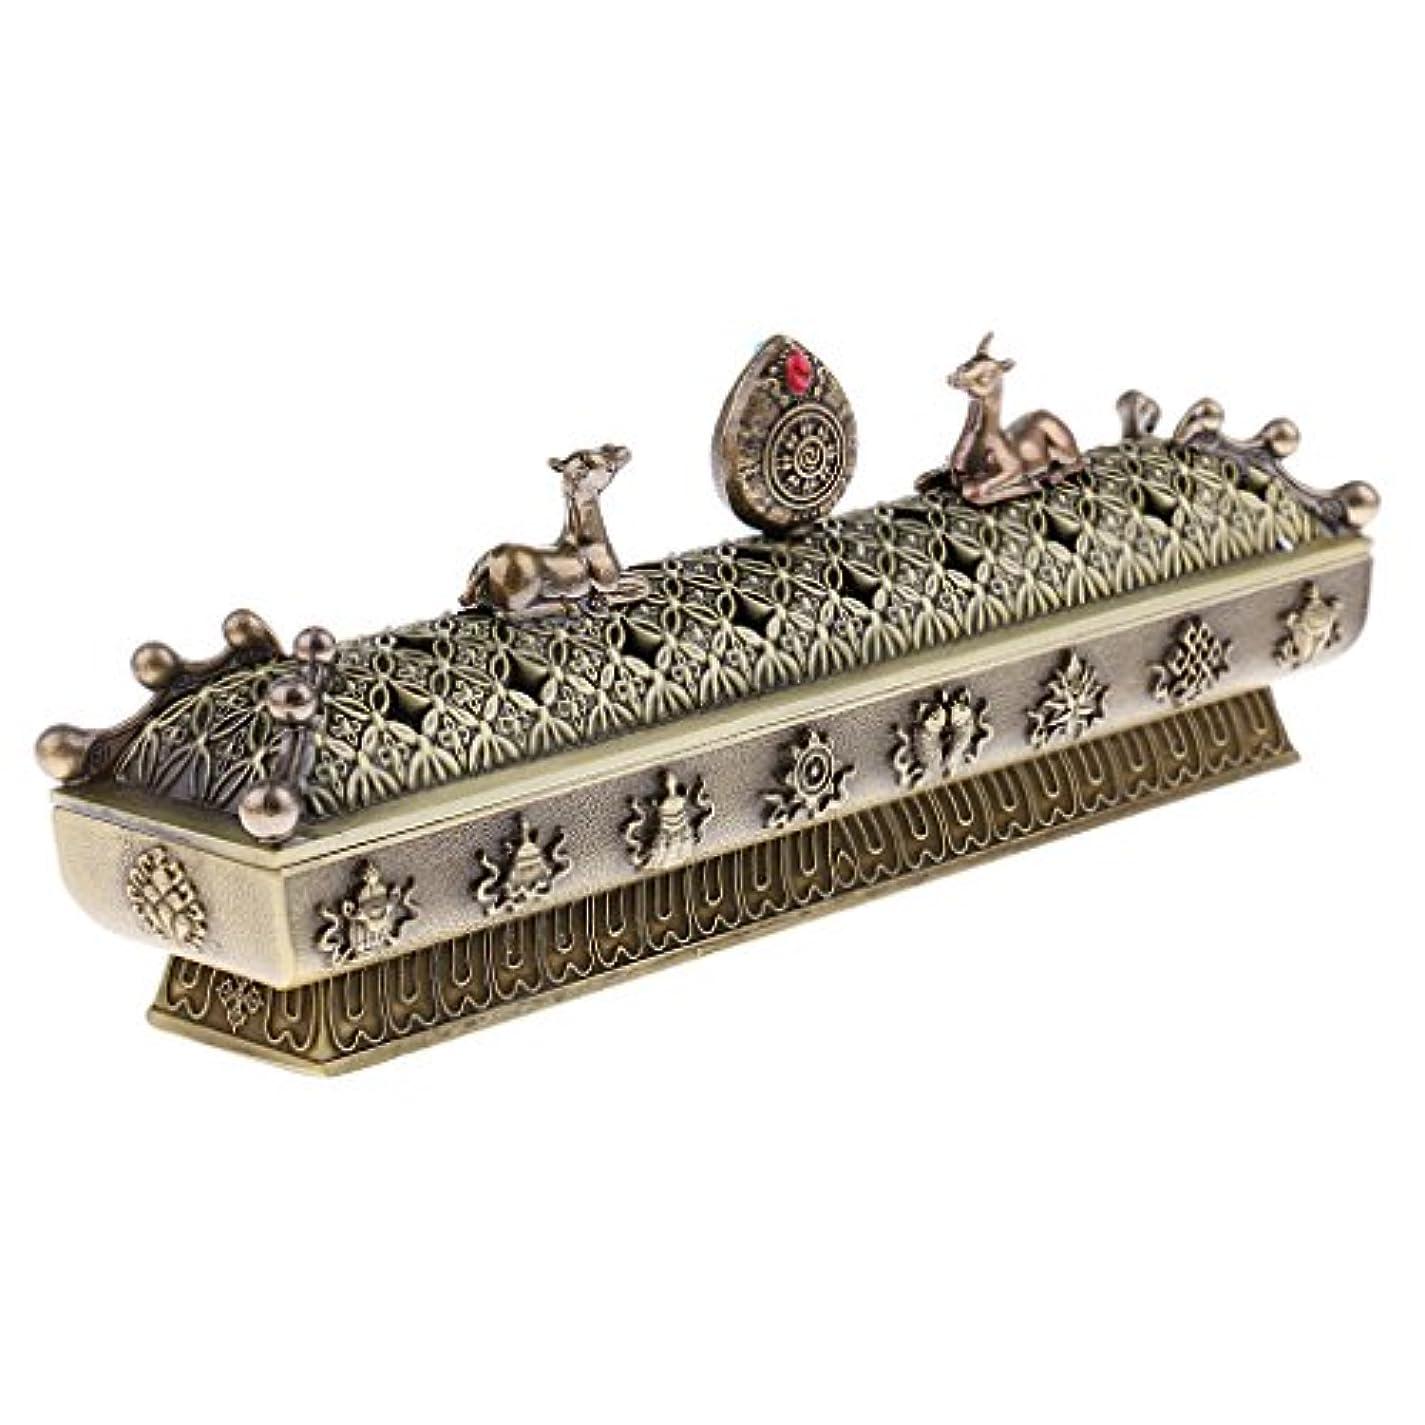 迷路冒険解決するSONONIA 仏教 コーン 香りバーナー アッシュキャッチャー 香炉 全3色 - ブロンズ